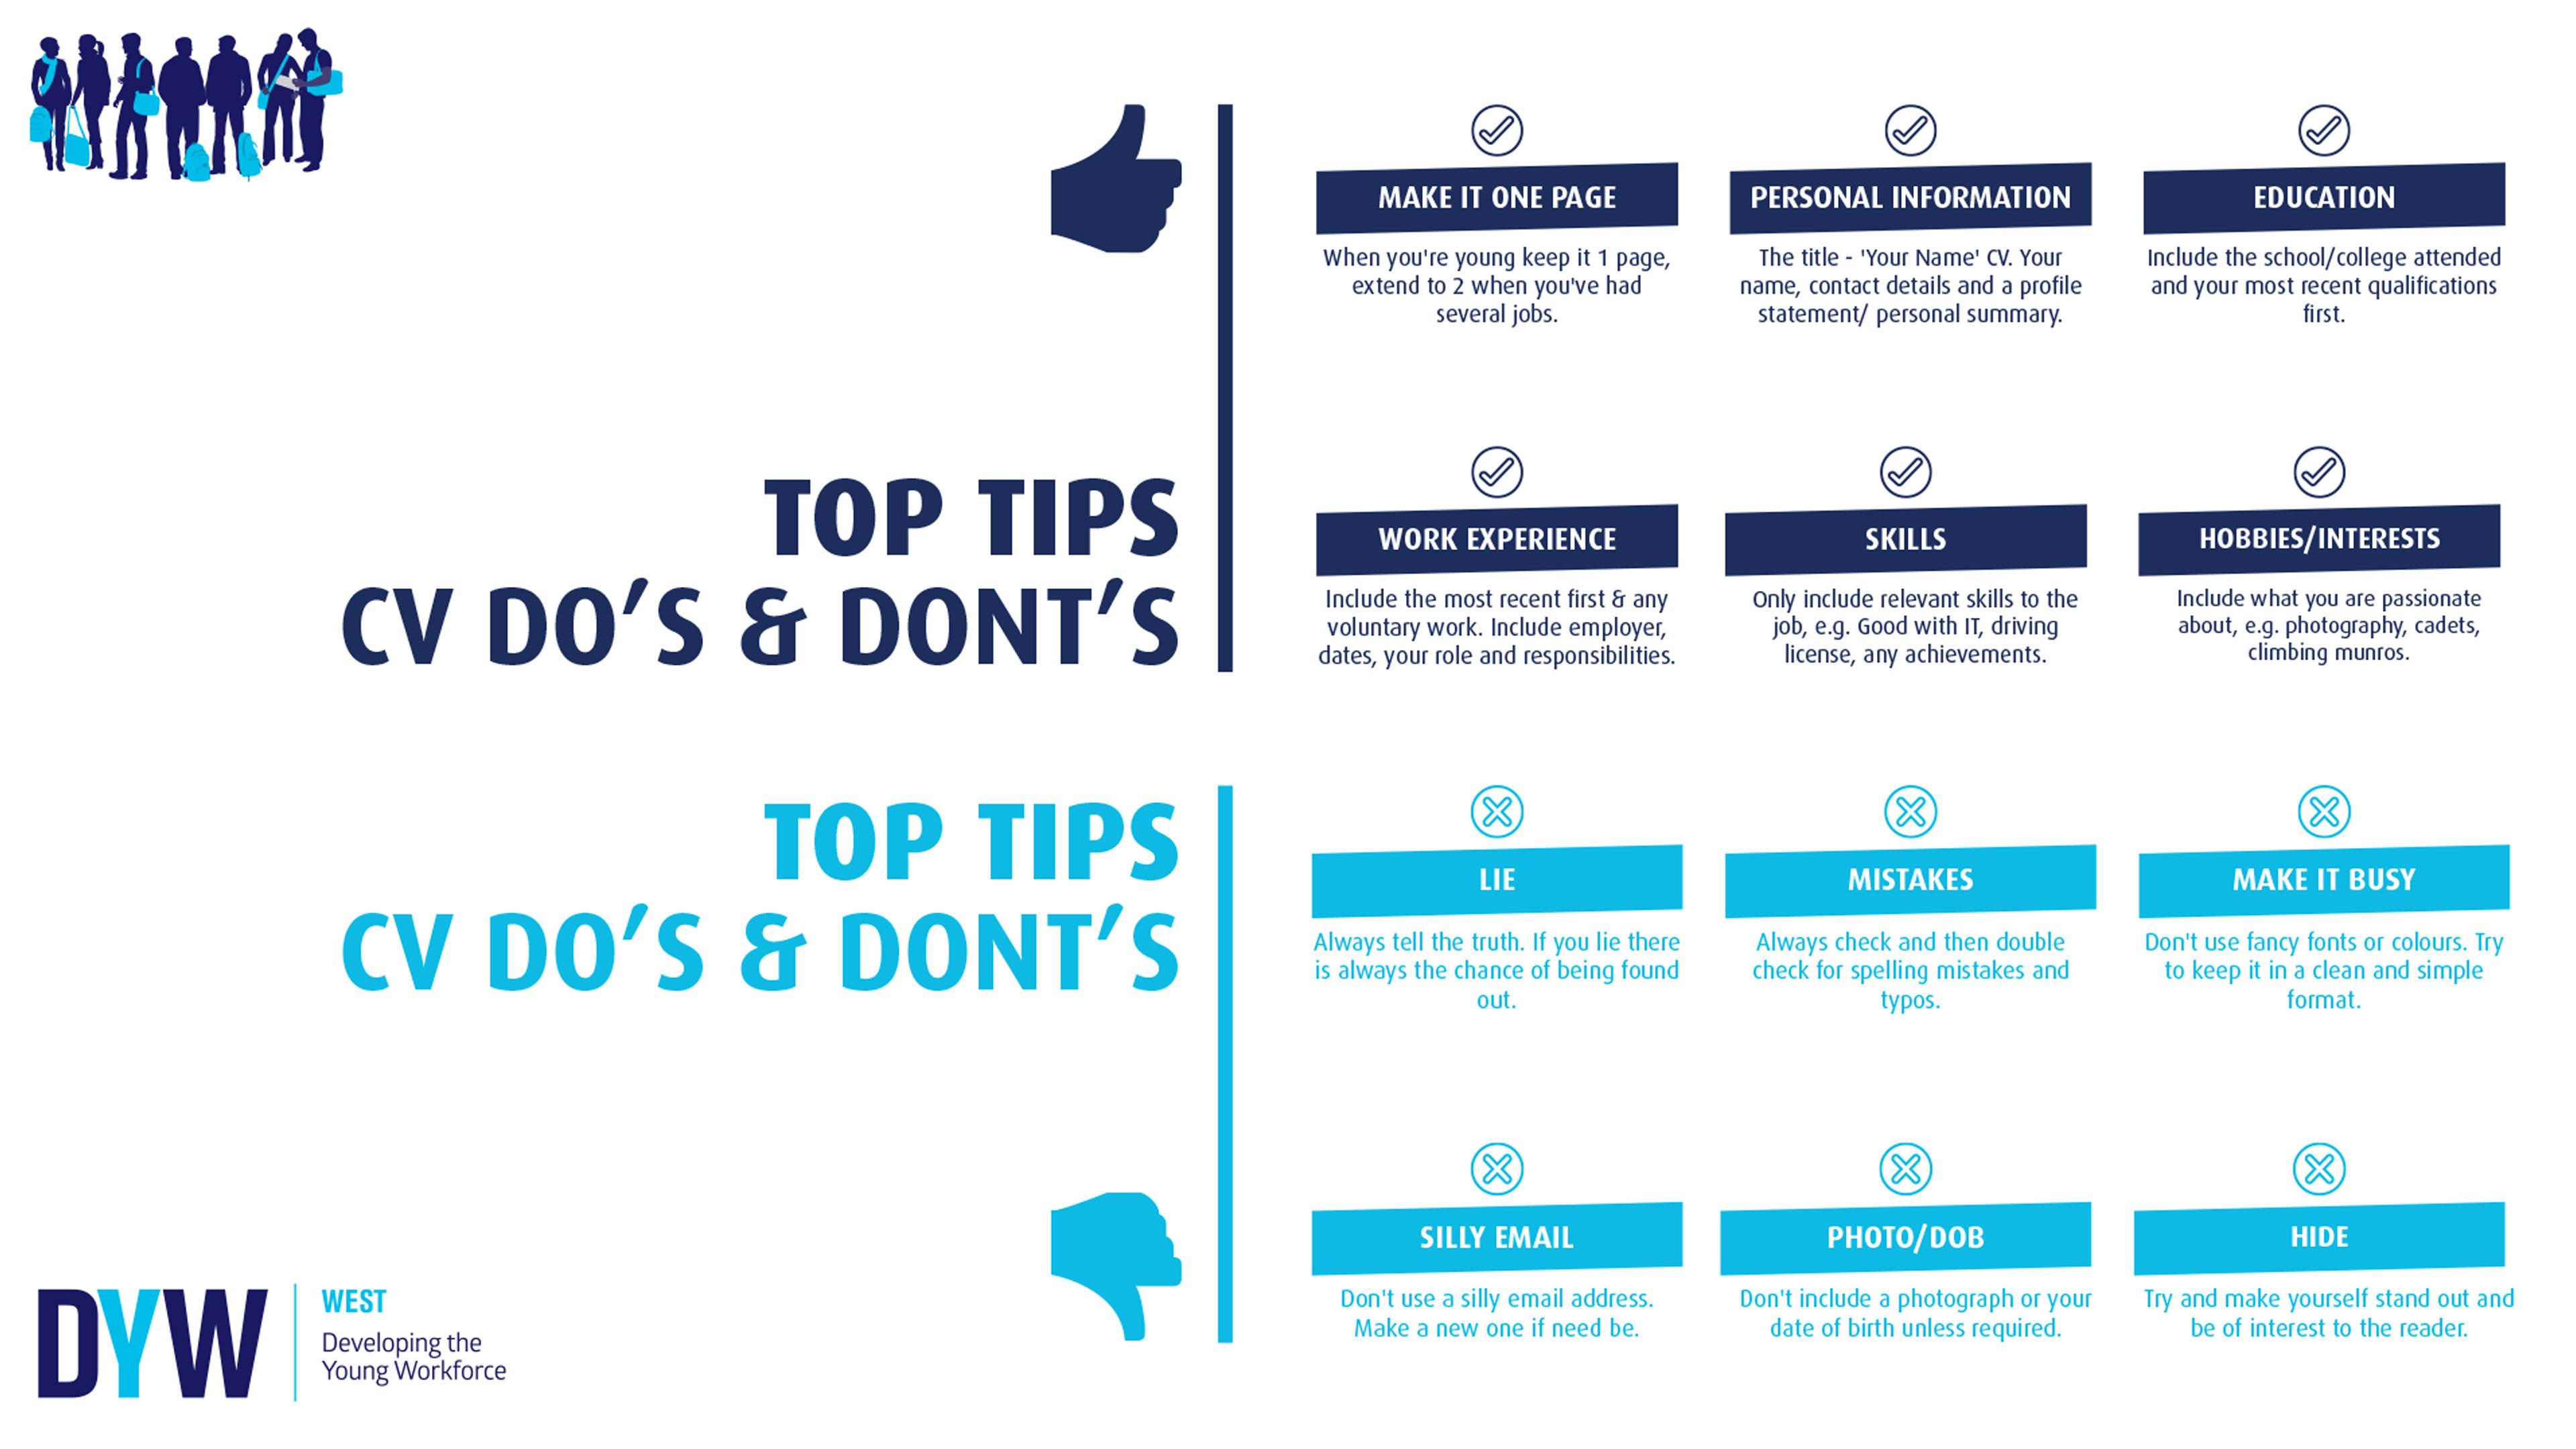 Top Tips: CV Do's & Dont's